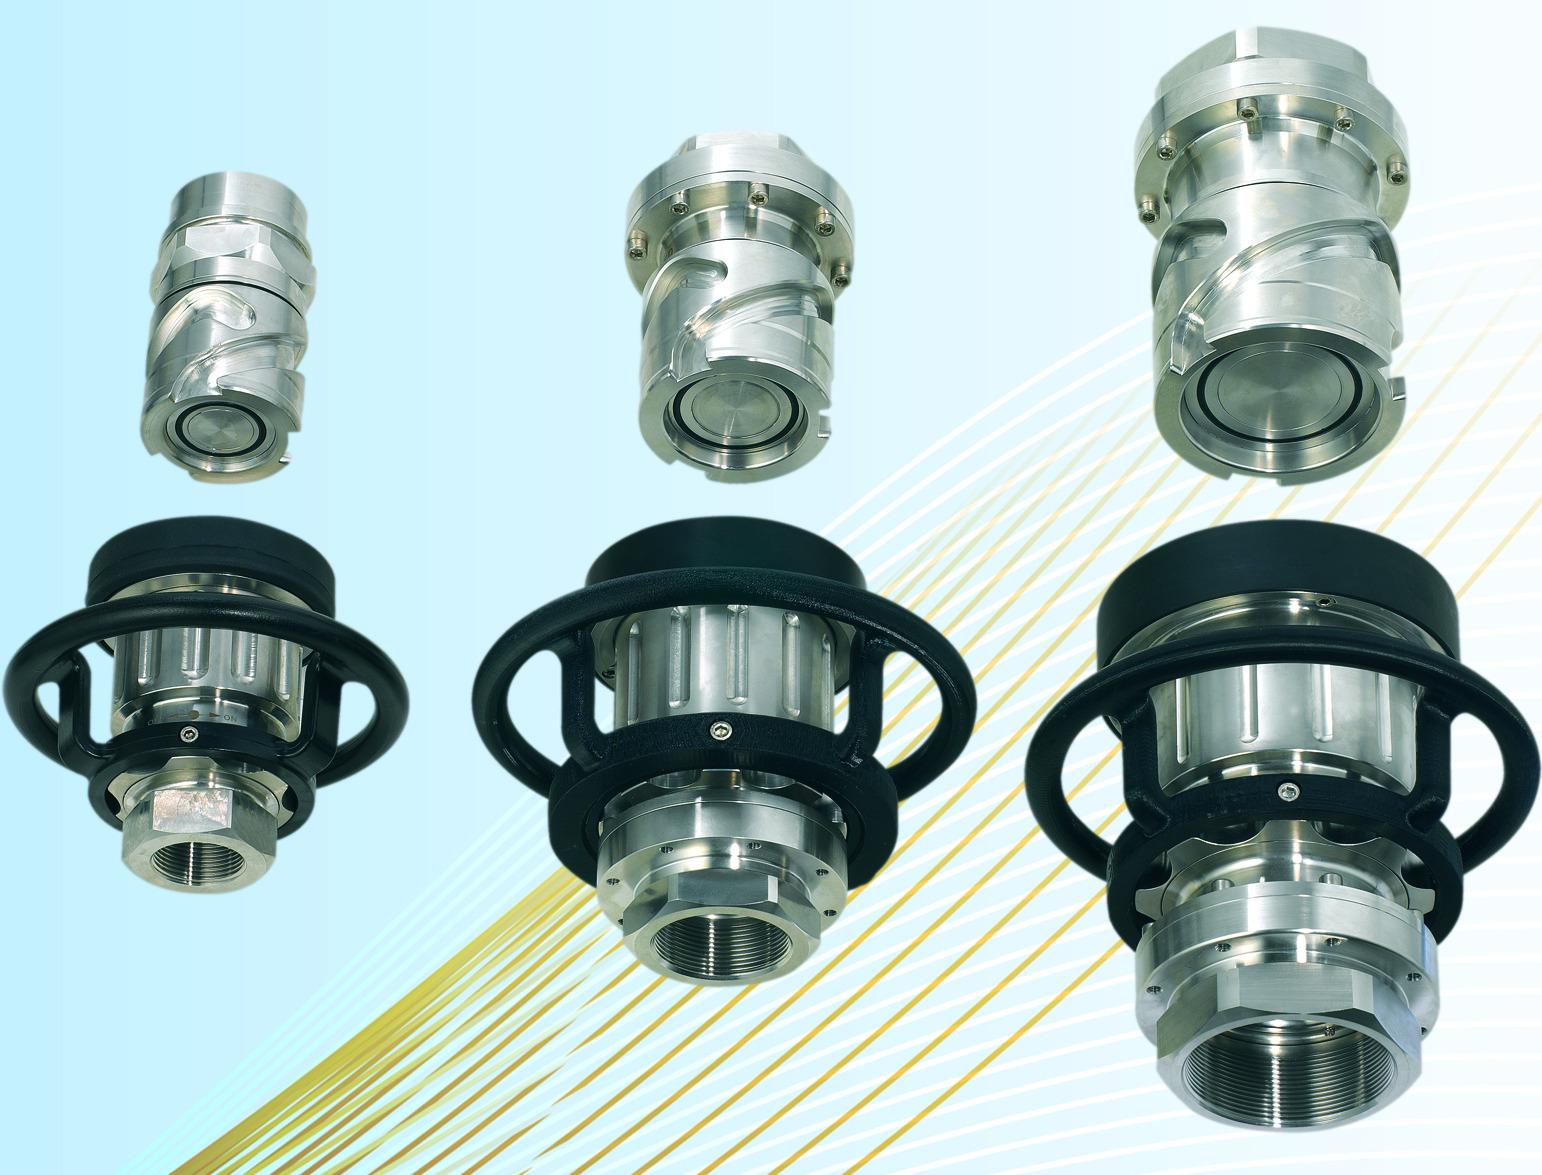 Stäubli ist einer der weltweit führenden Hersteller von Schnellkupplungssystemen für Flüssigkeiten, Gase und elektrische